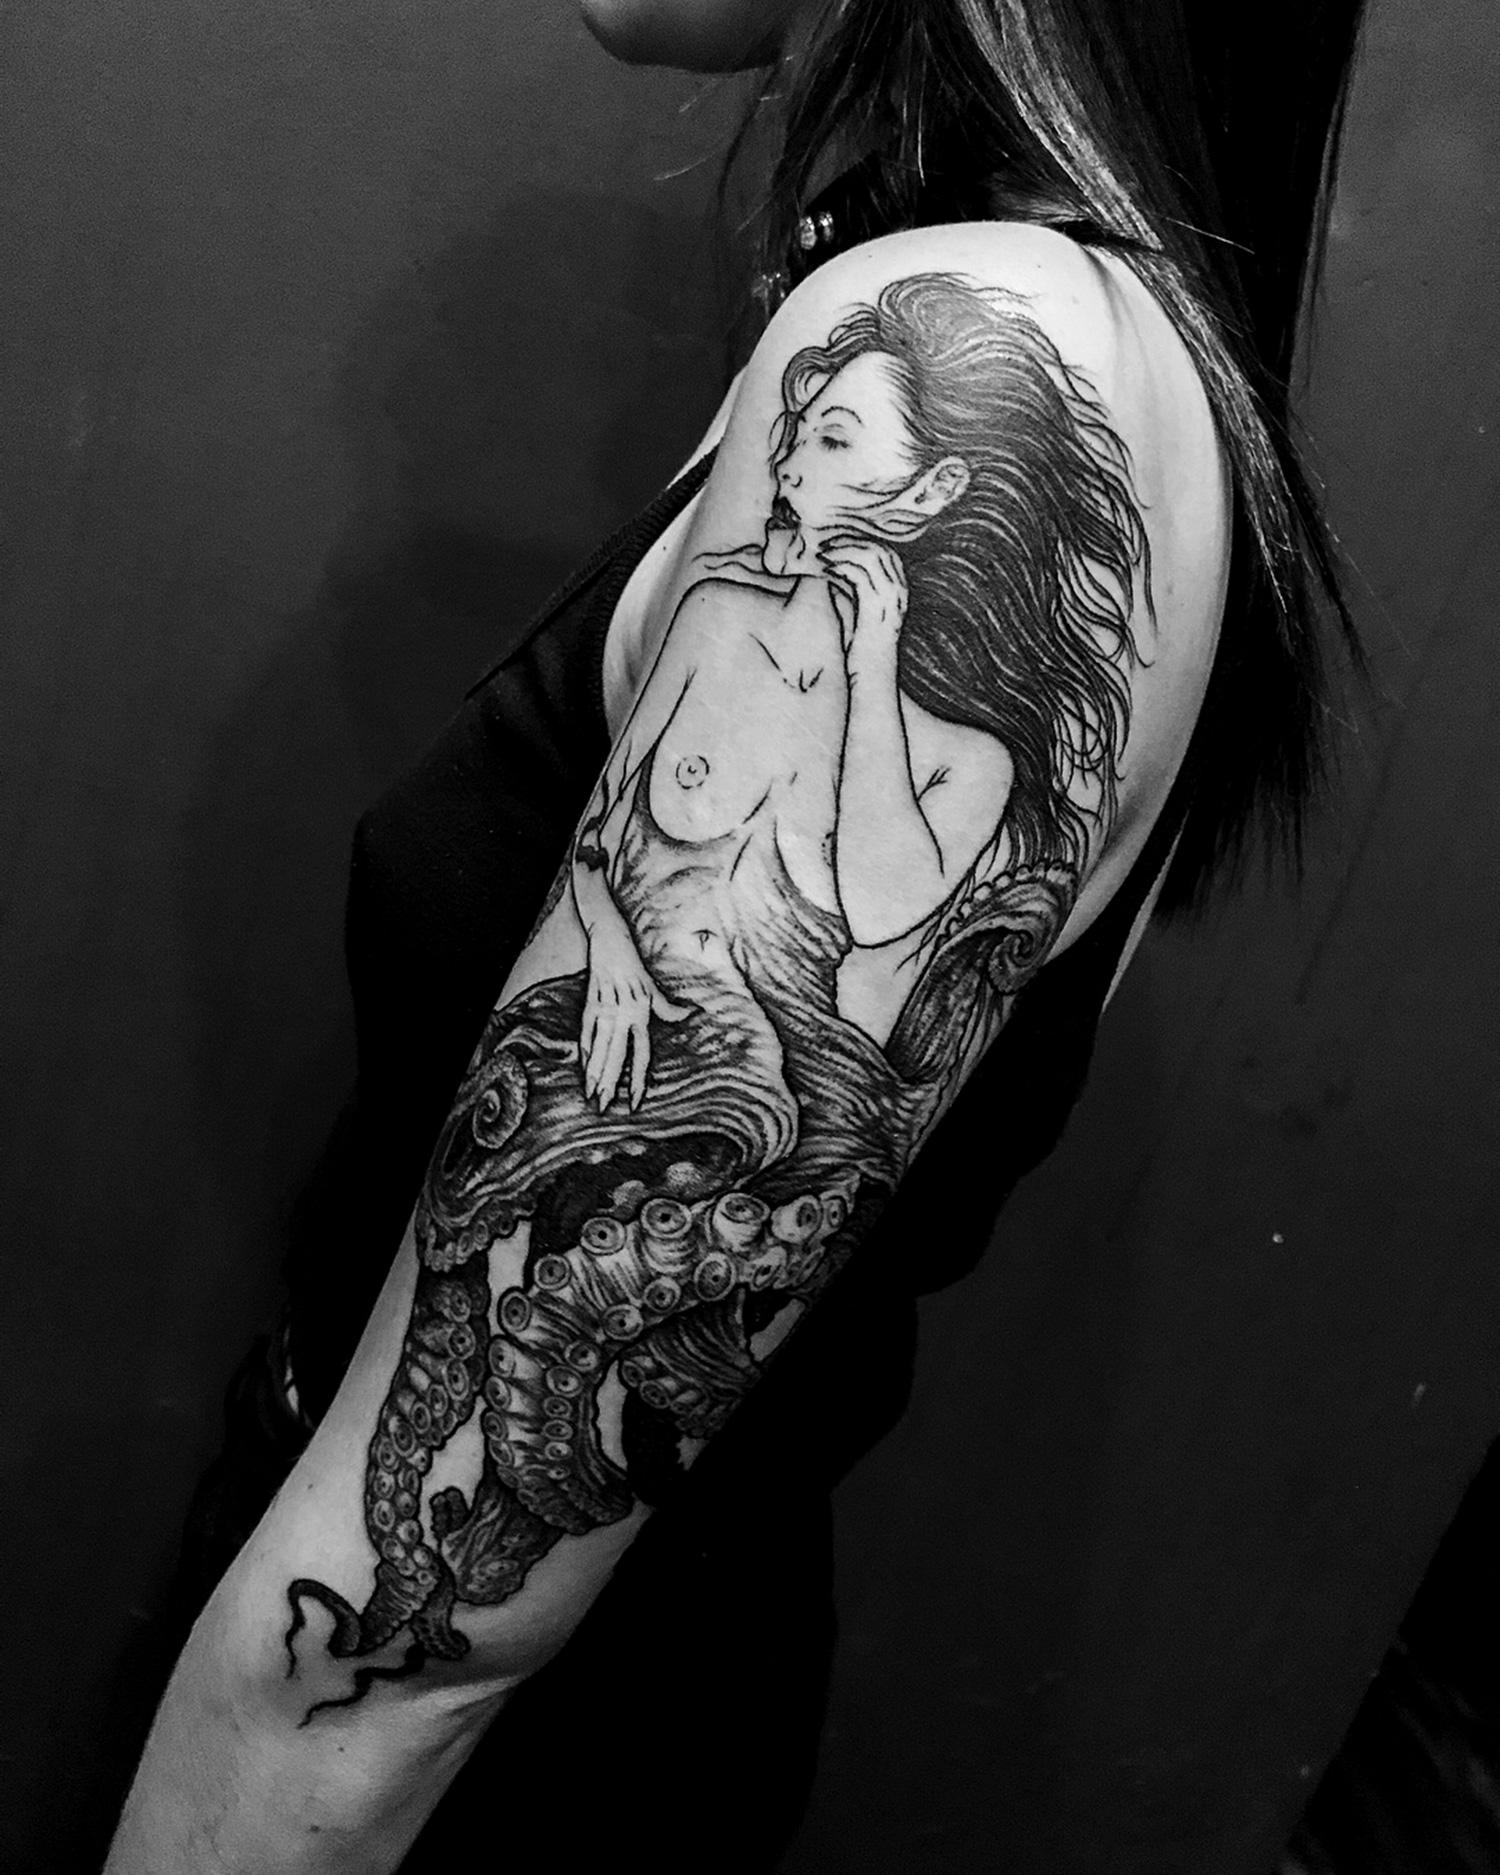 Jeanchoir - Sombre Tache - tentacle woman